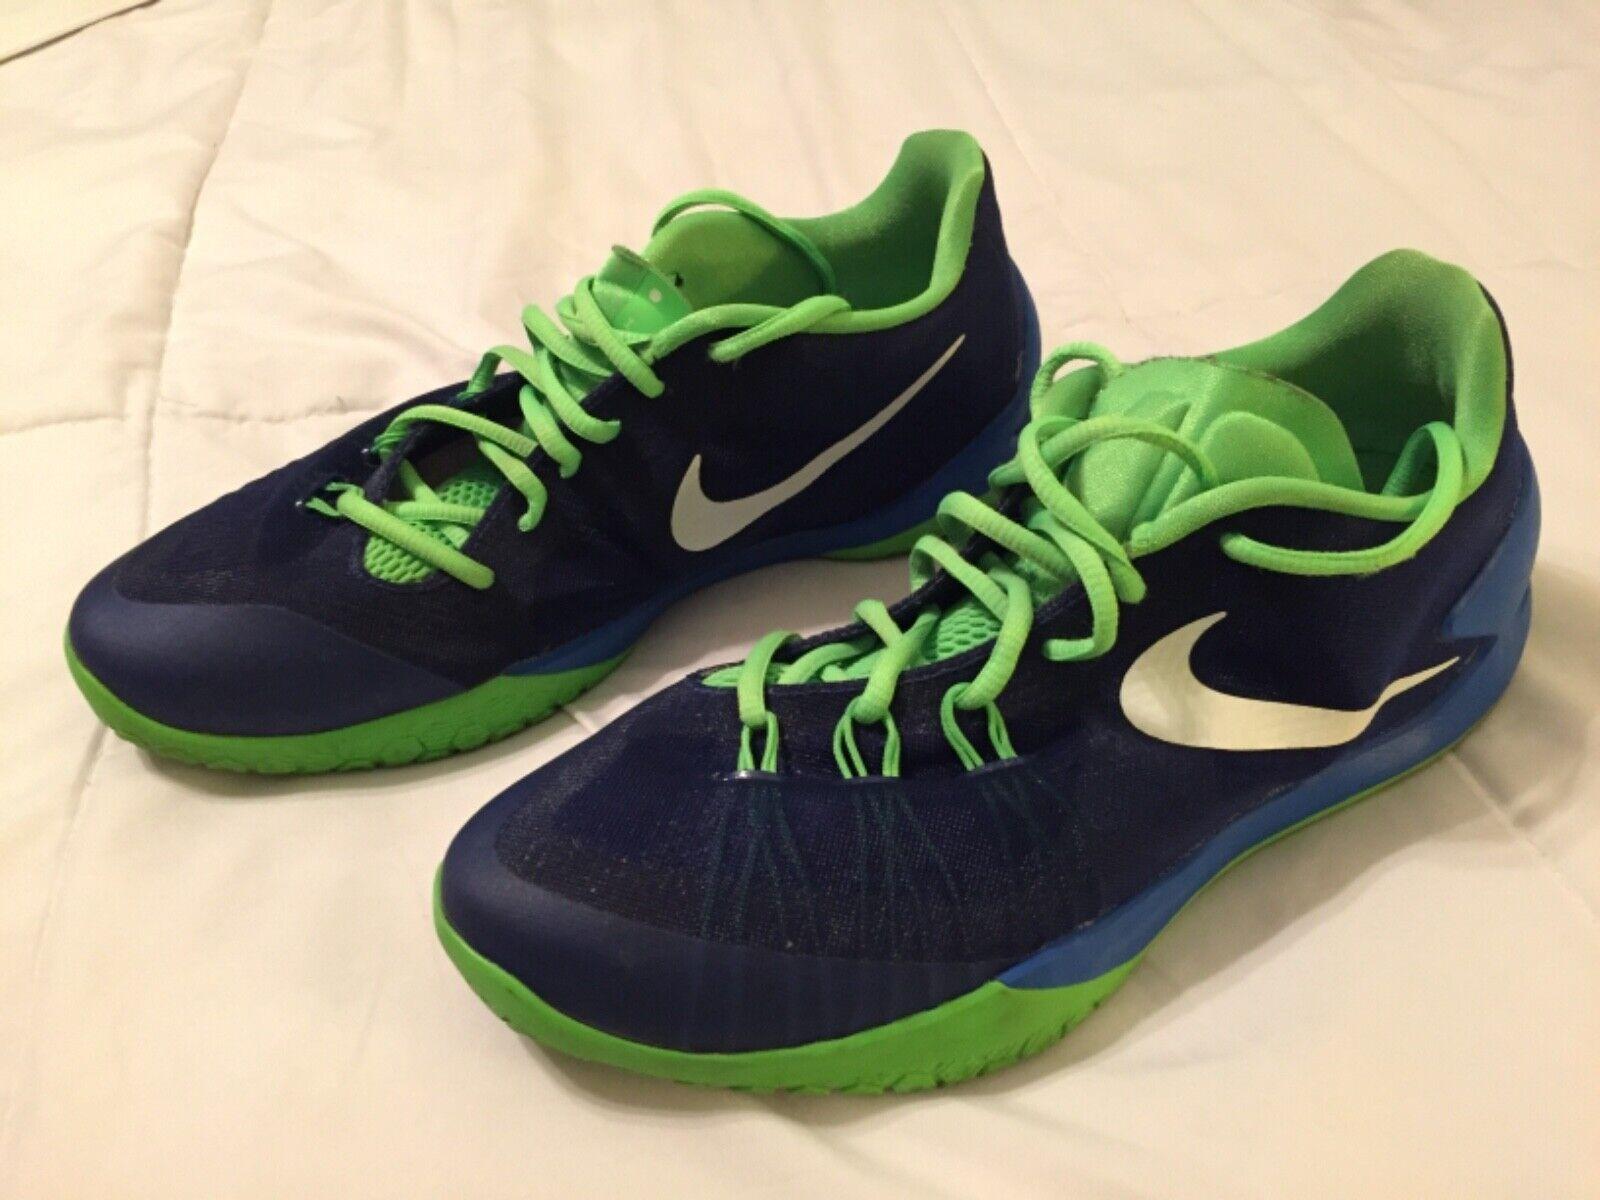 Gli uomini sono nike hyperchase scarpe da basket 44 blu reale 705363-413 verde | Nuovo 2019  | Uomini/Donna Scarpa